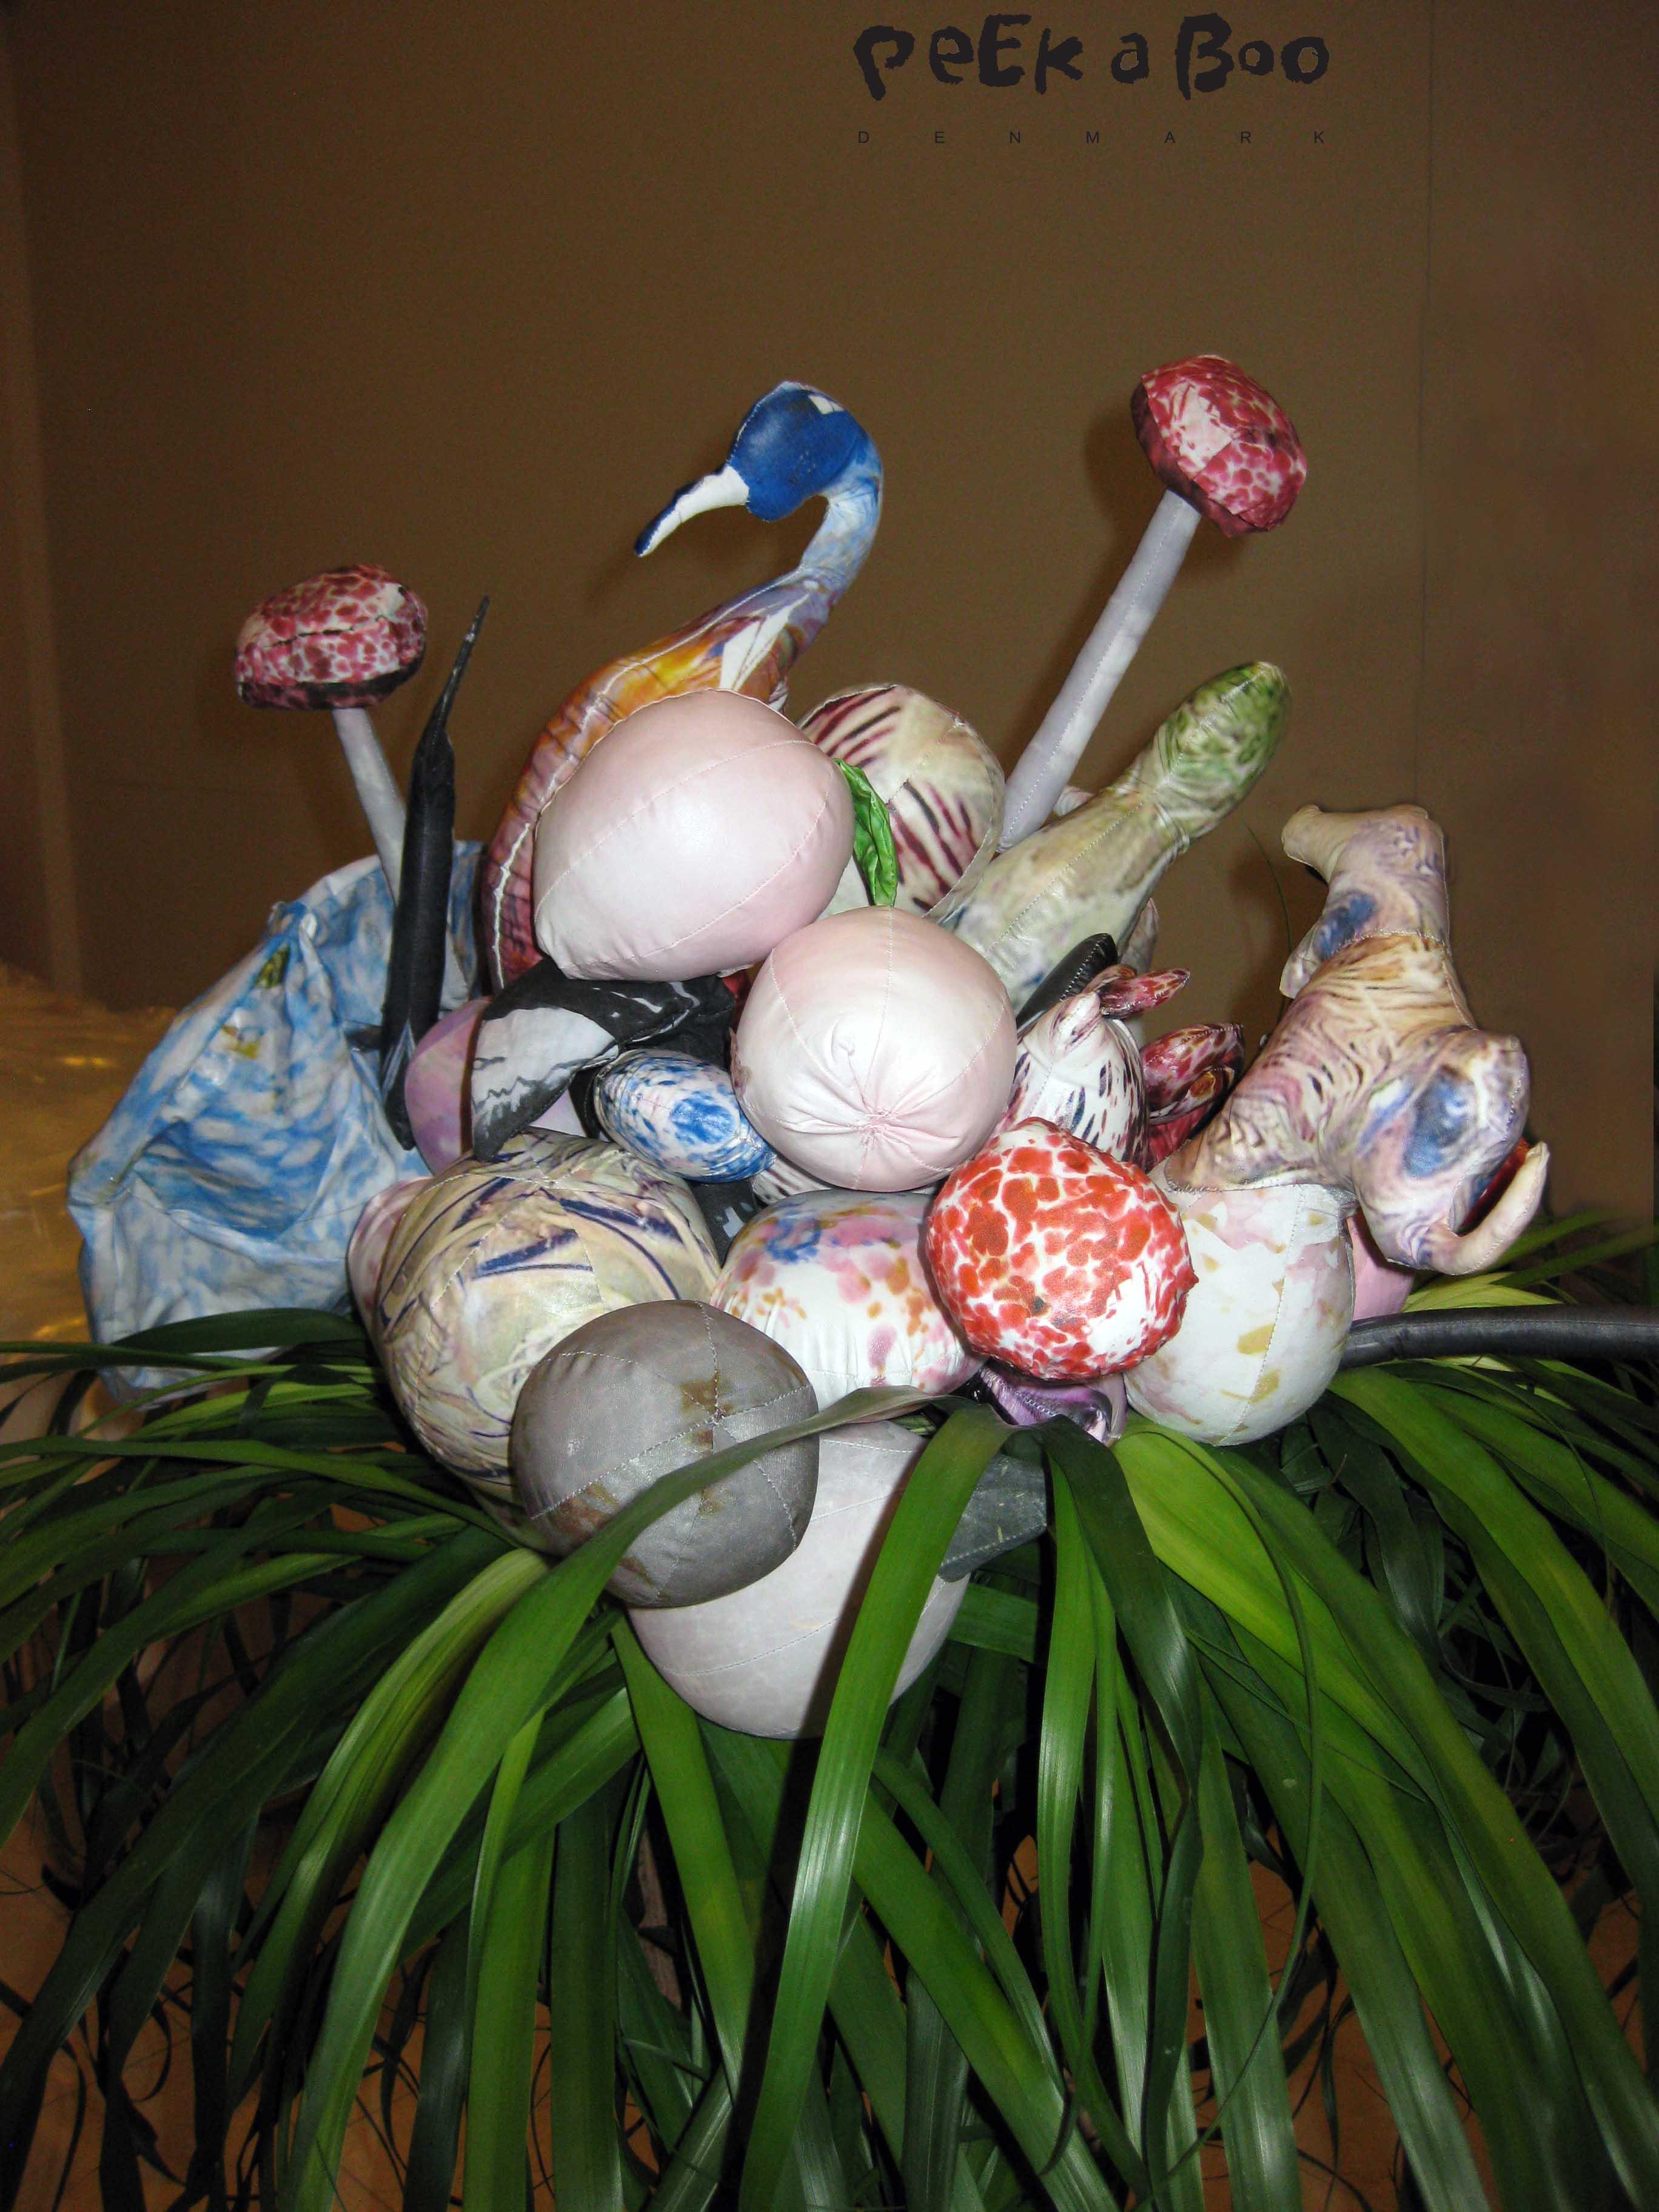 Helle Mardahl's kunstneriske blomster dekoration der mødte os til eventet.